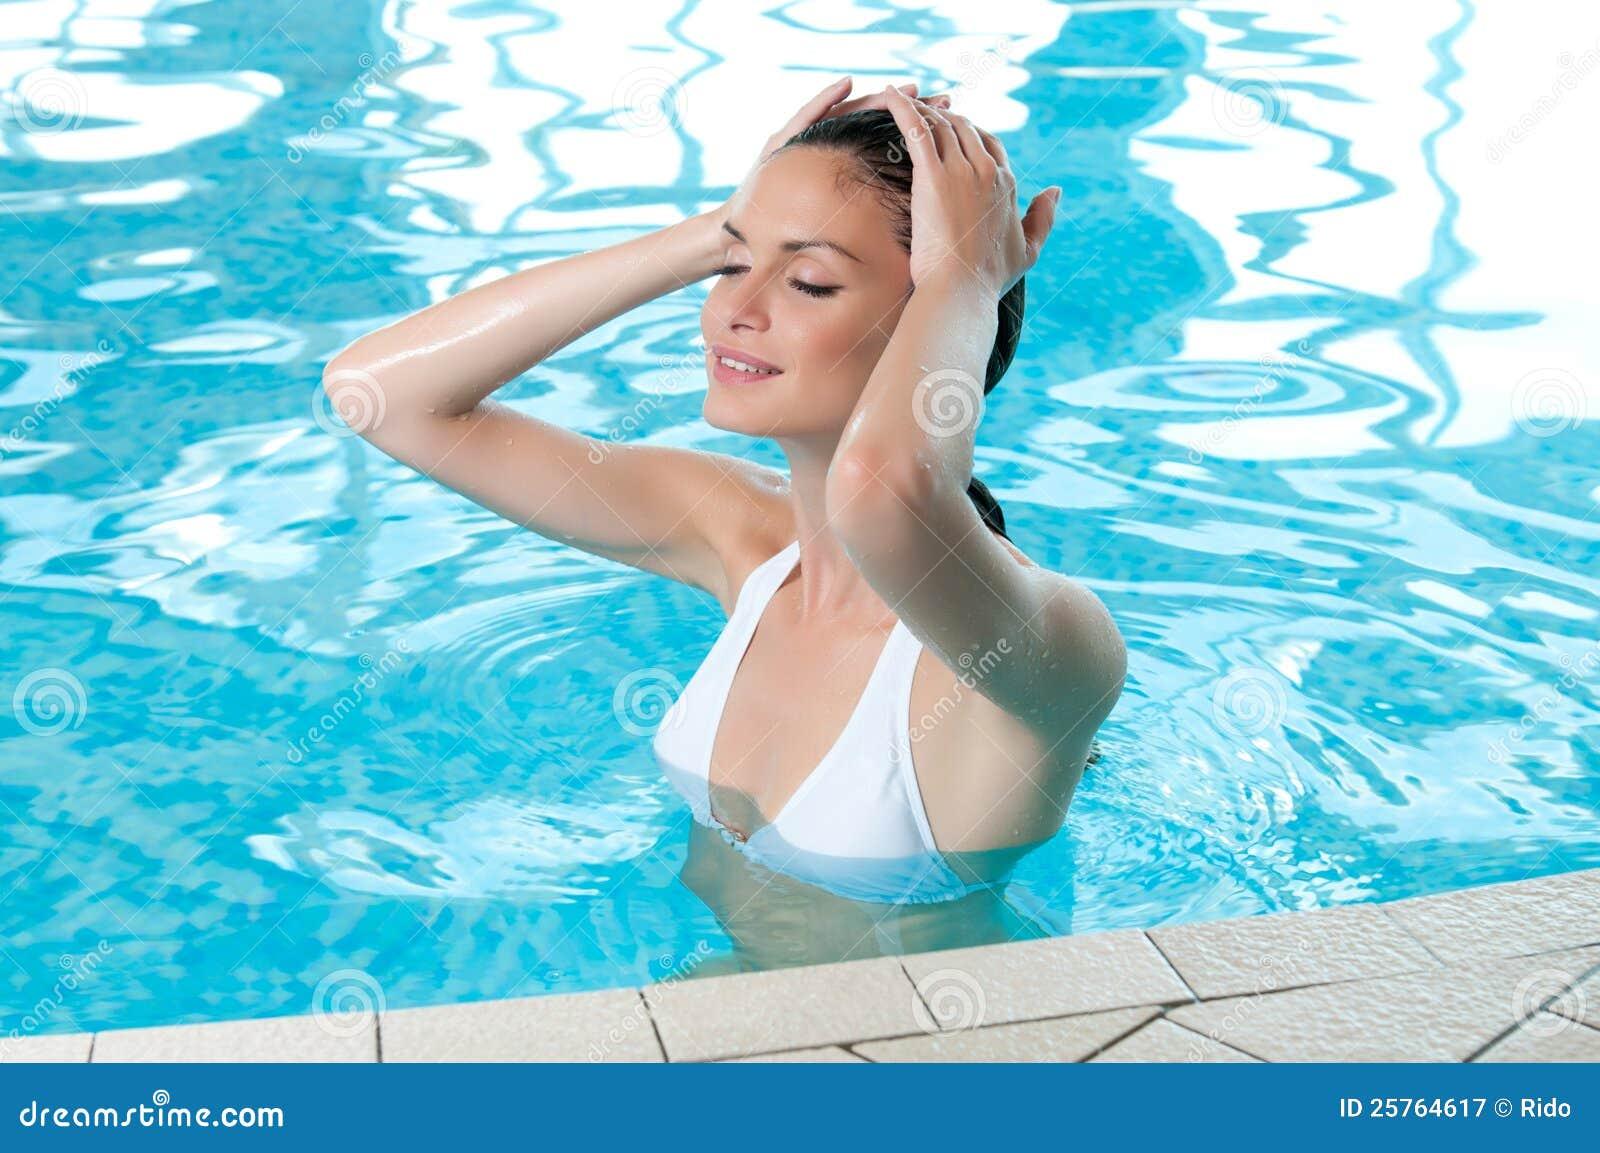 Как правильно плавать в бассейне чтобы похудеть